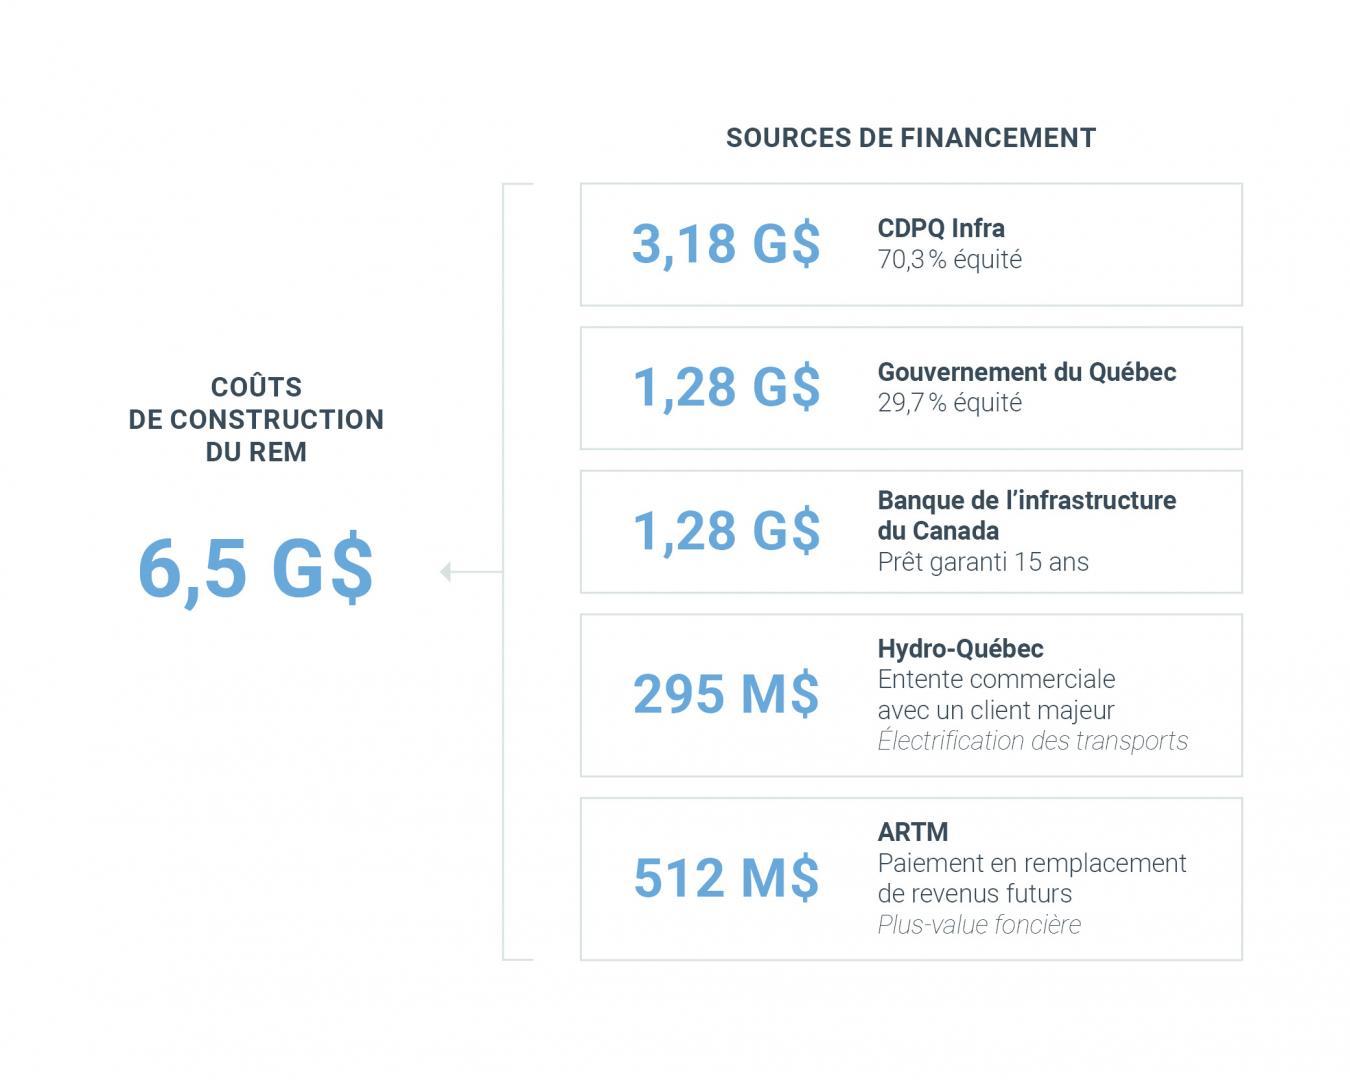 Tableau : structure de financement du projet REM